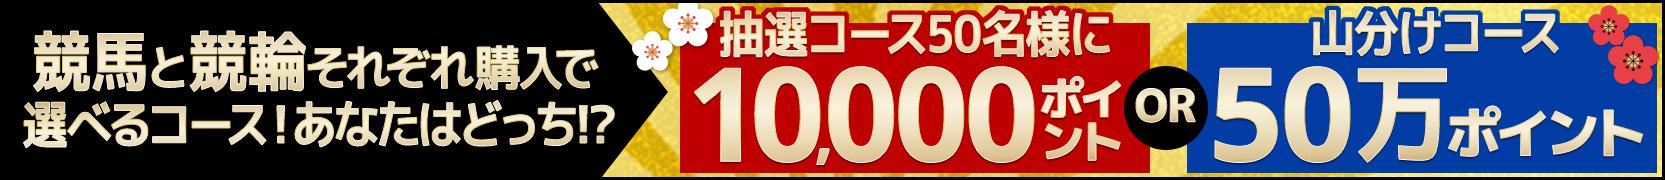 競馬&競輪 共同キャンペーン(2019年1月)